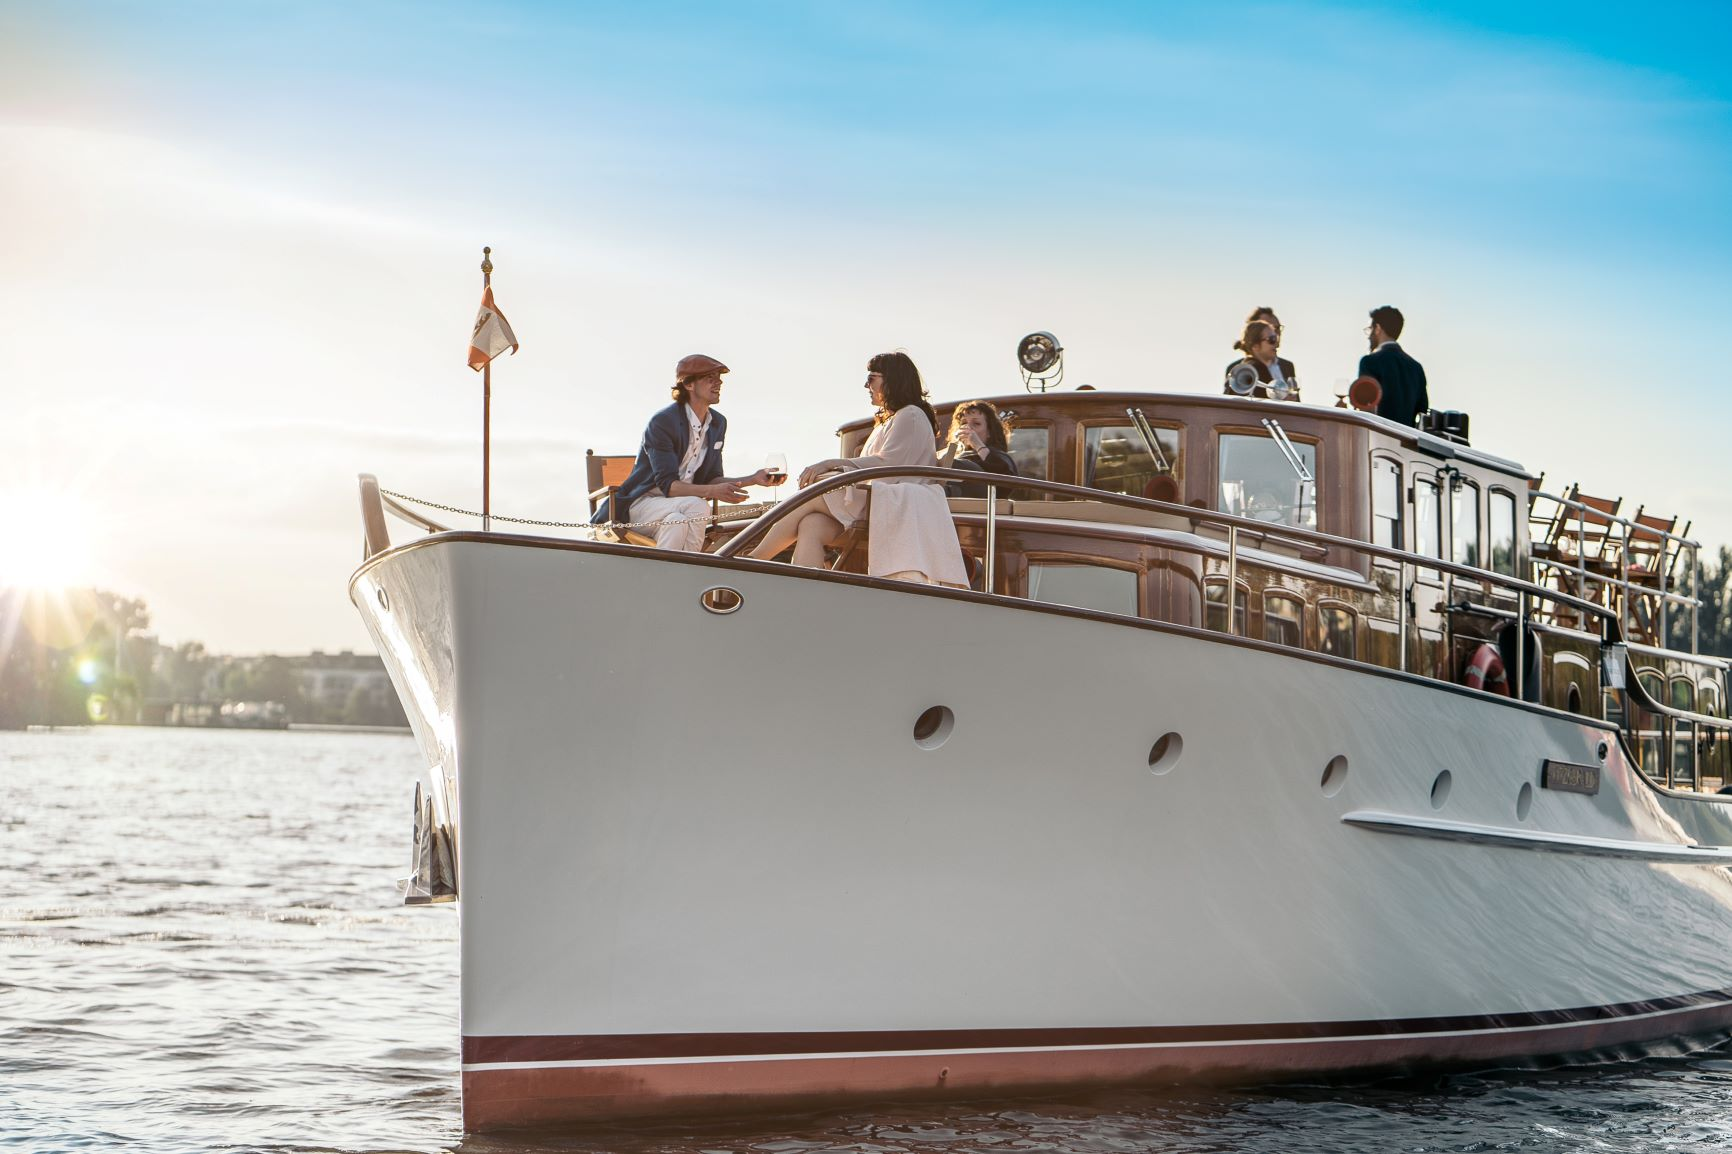 Fitzgerald Bugansicht Schiff Hochzeit Berlin